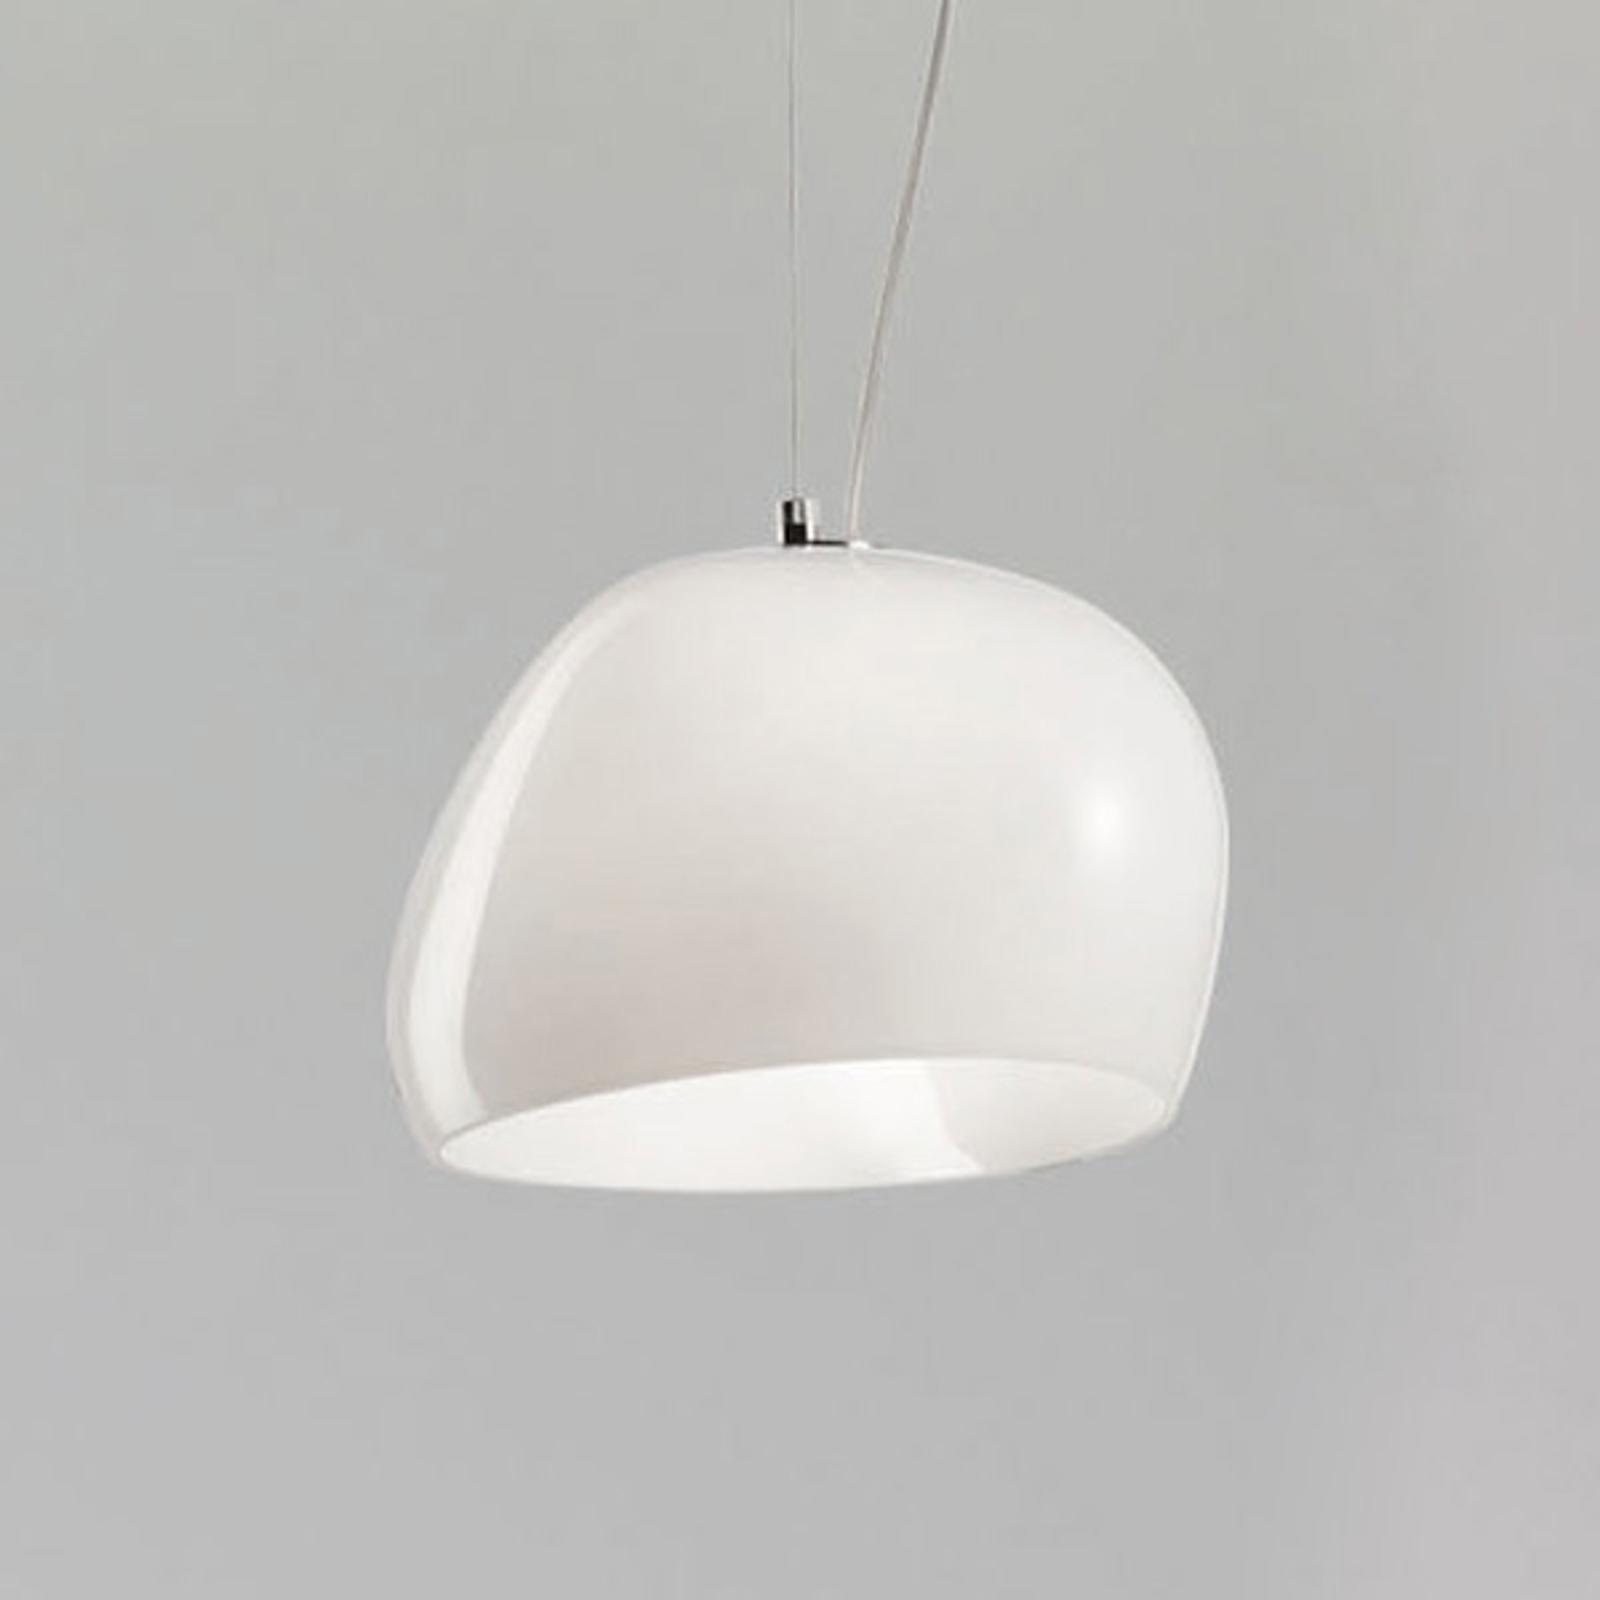 Riippuvalo Surface Ø 27 cm E27 valkoinen/valkoinen